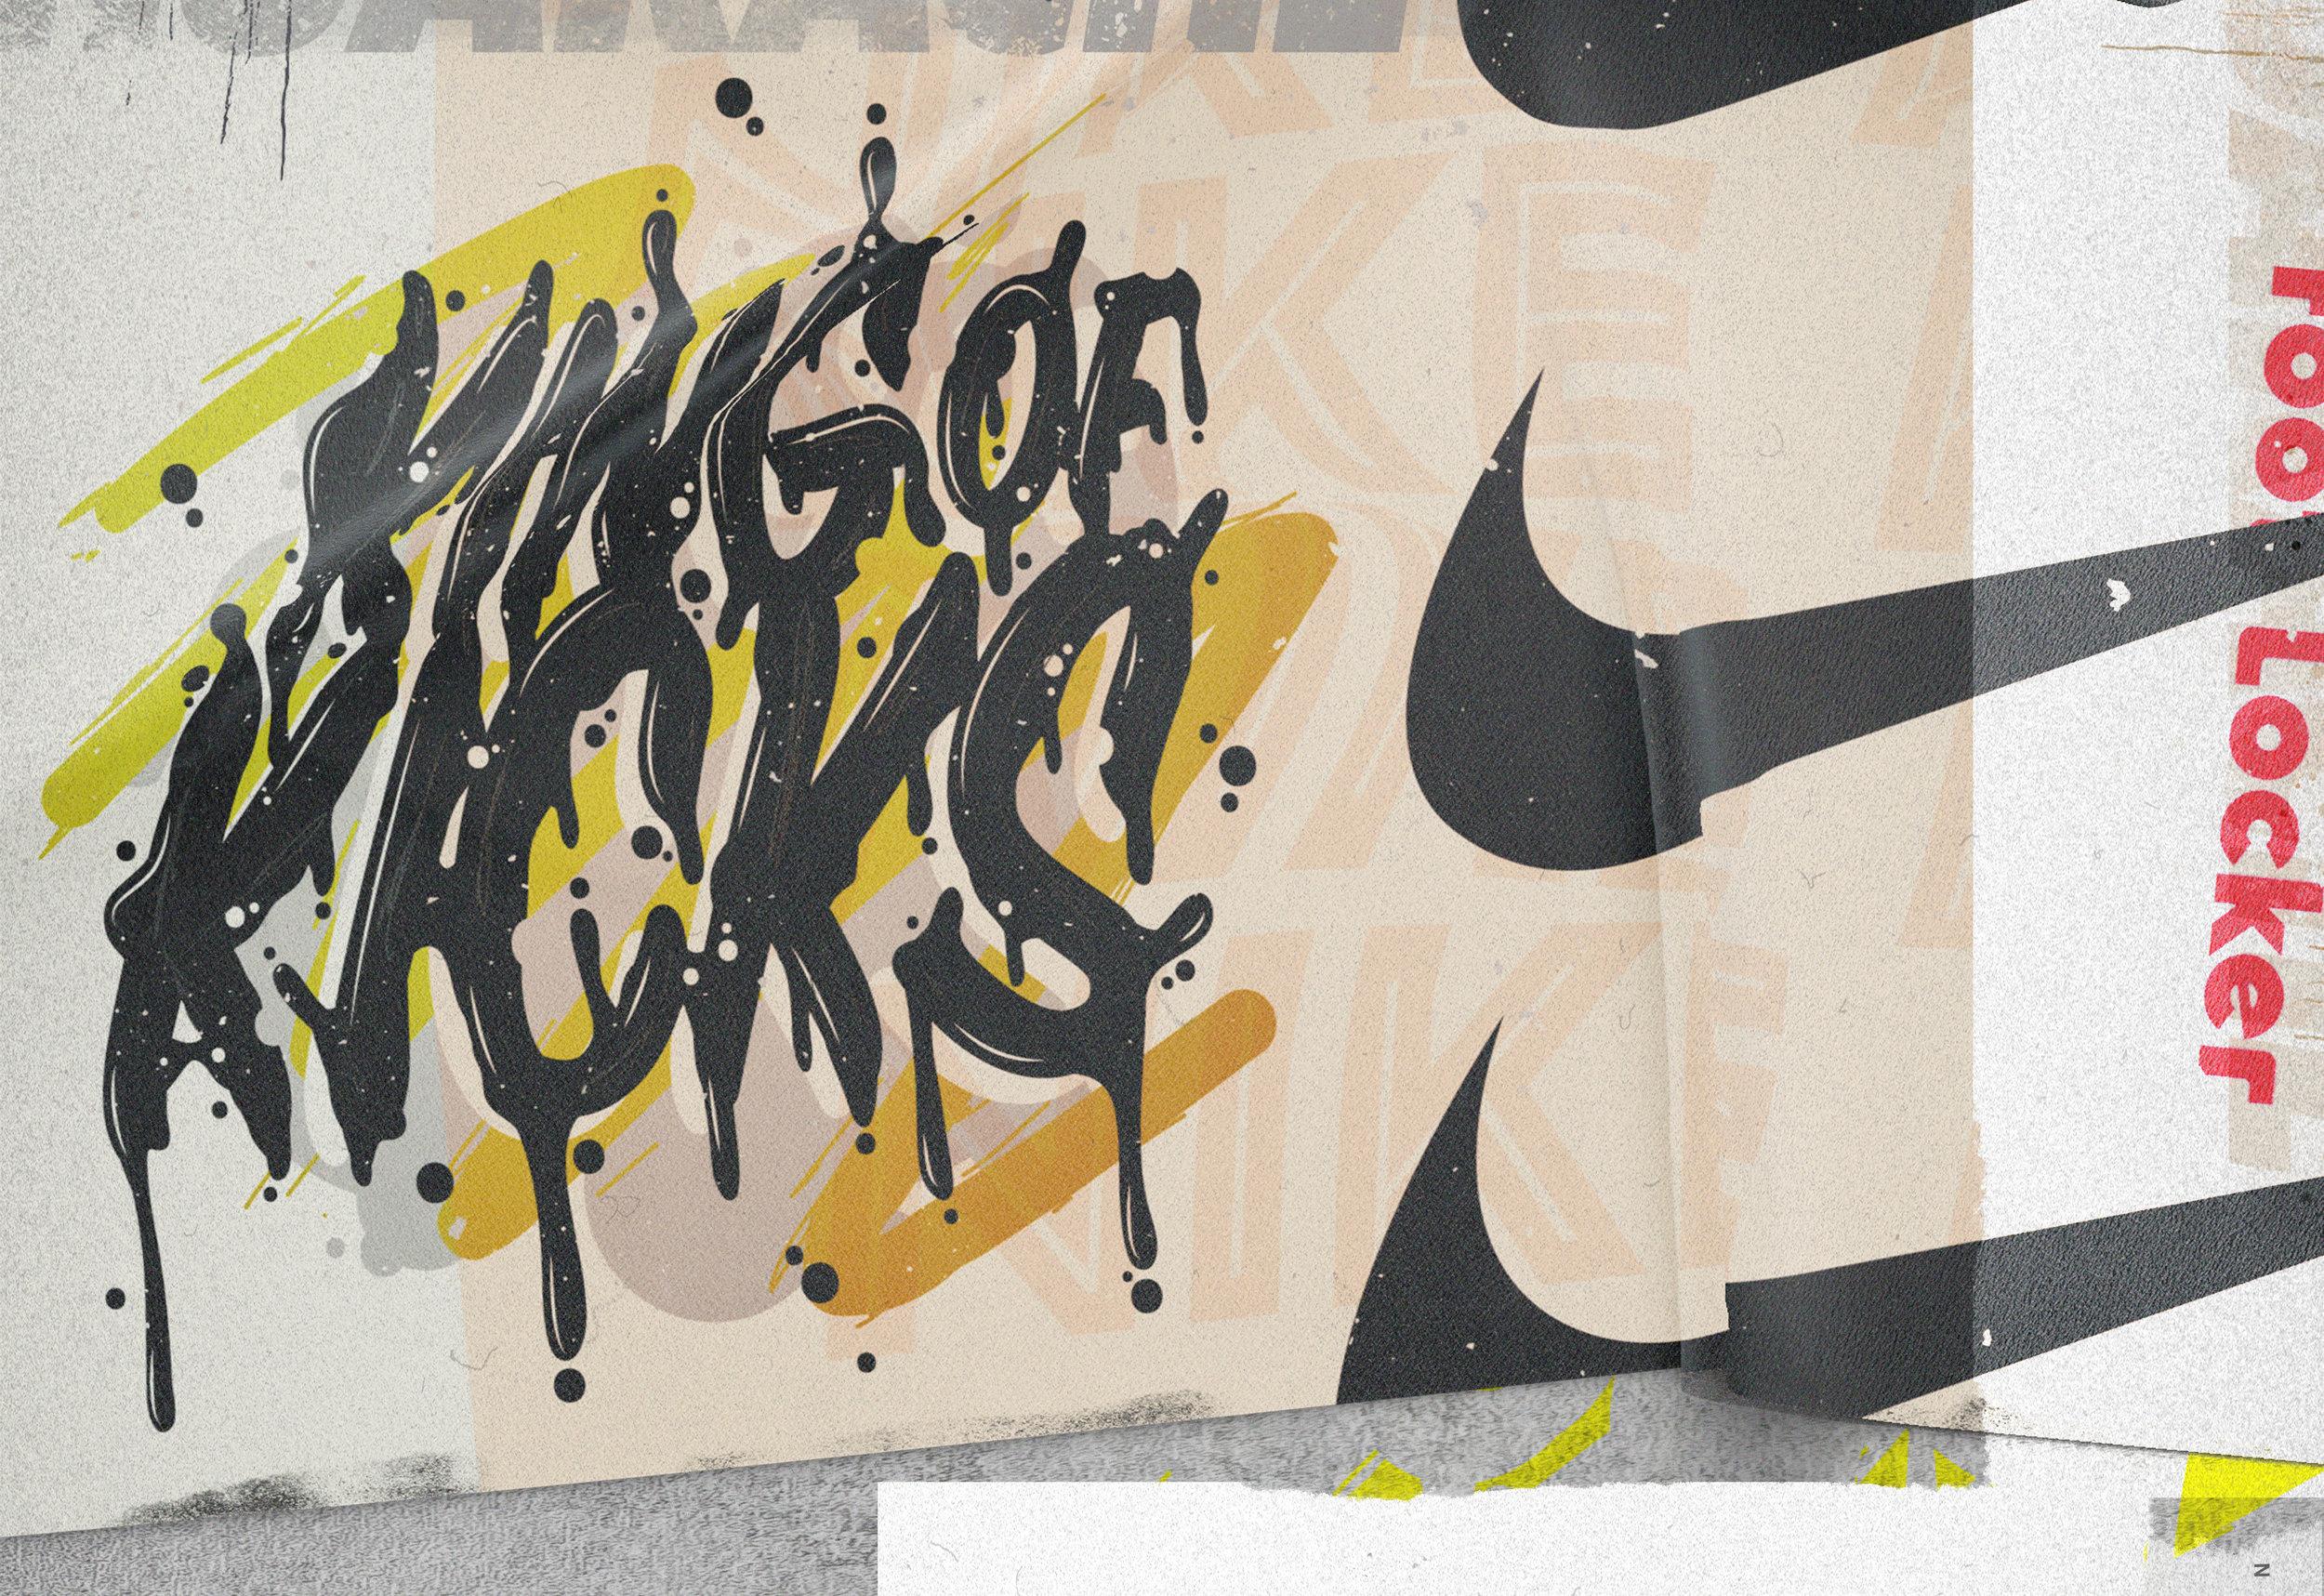 KING-OF-KICKS-01.jpg